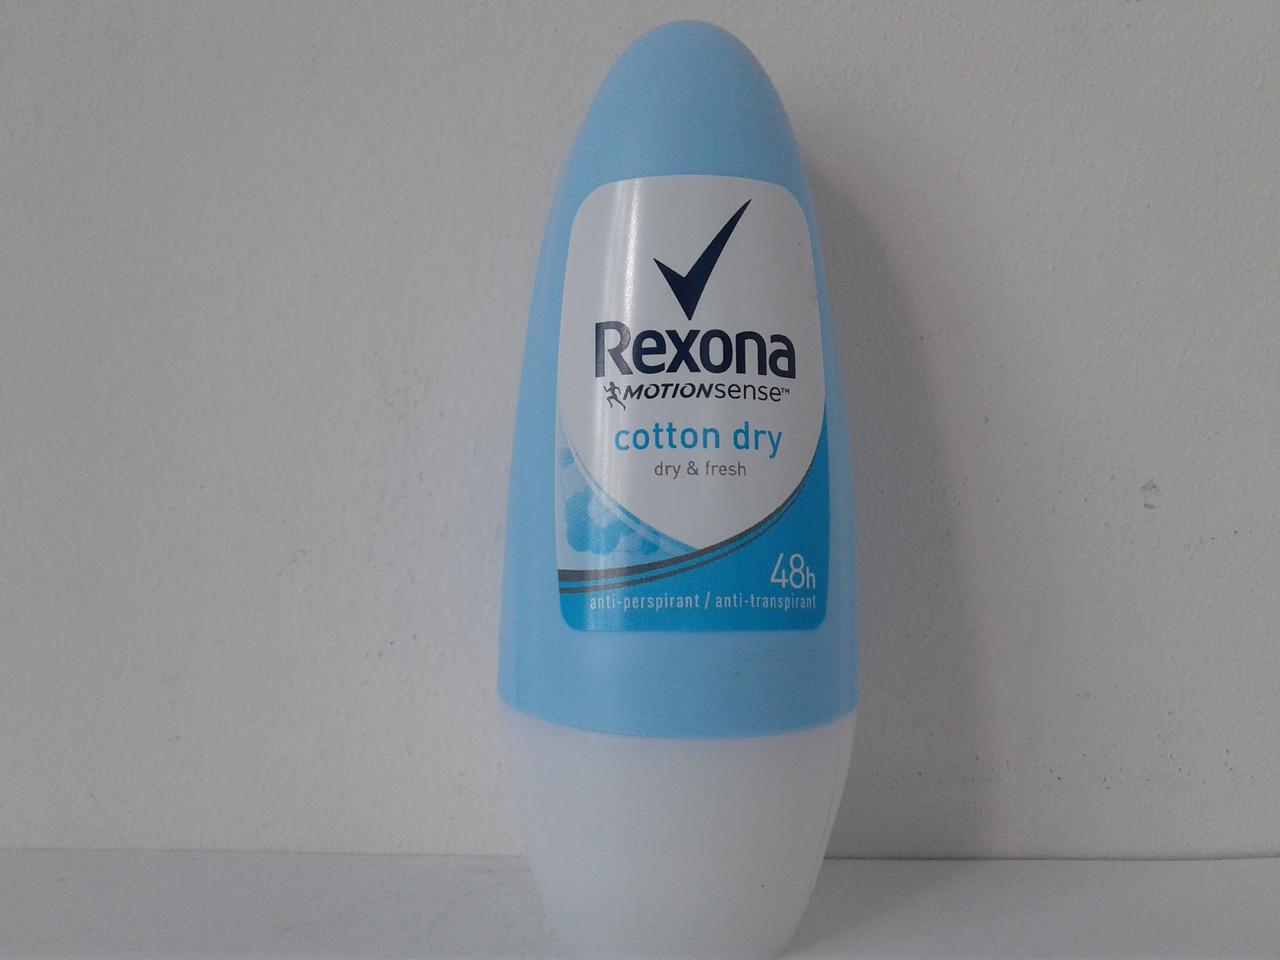 Шариковый женский дезодорант Rexona Cotton dry (Рексона Легкость хлопка) 50 мл.